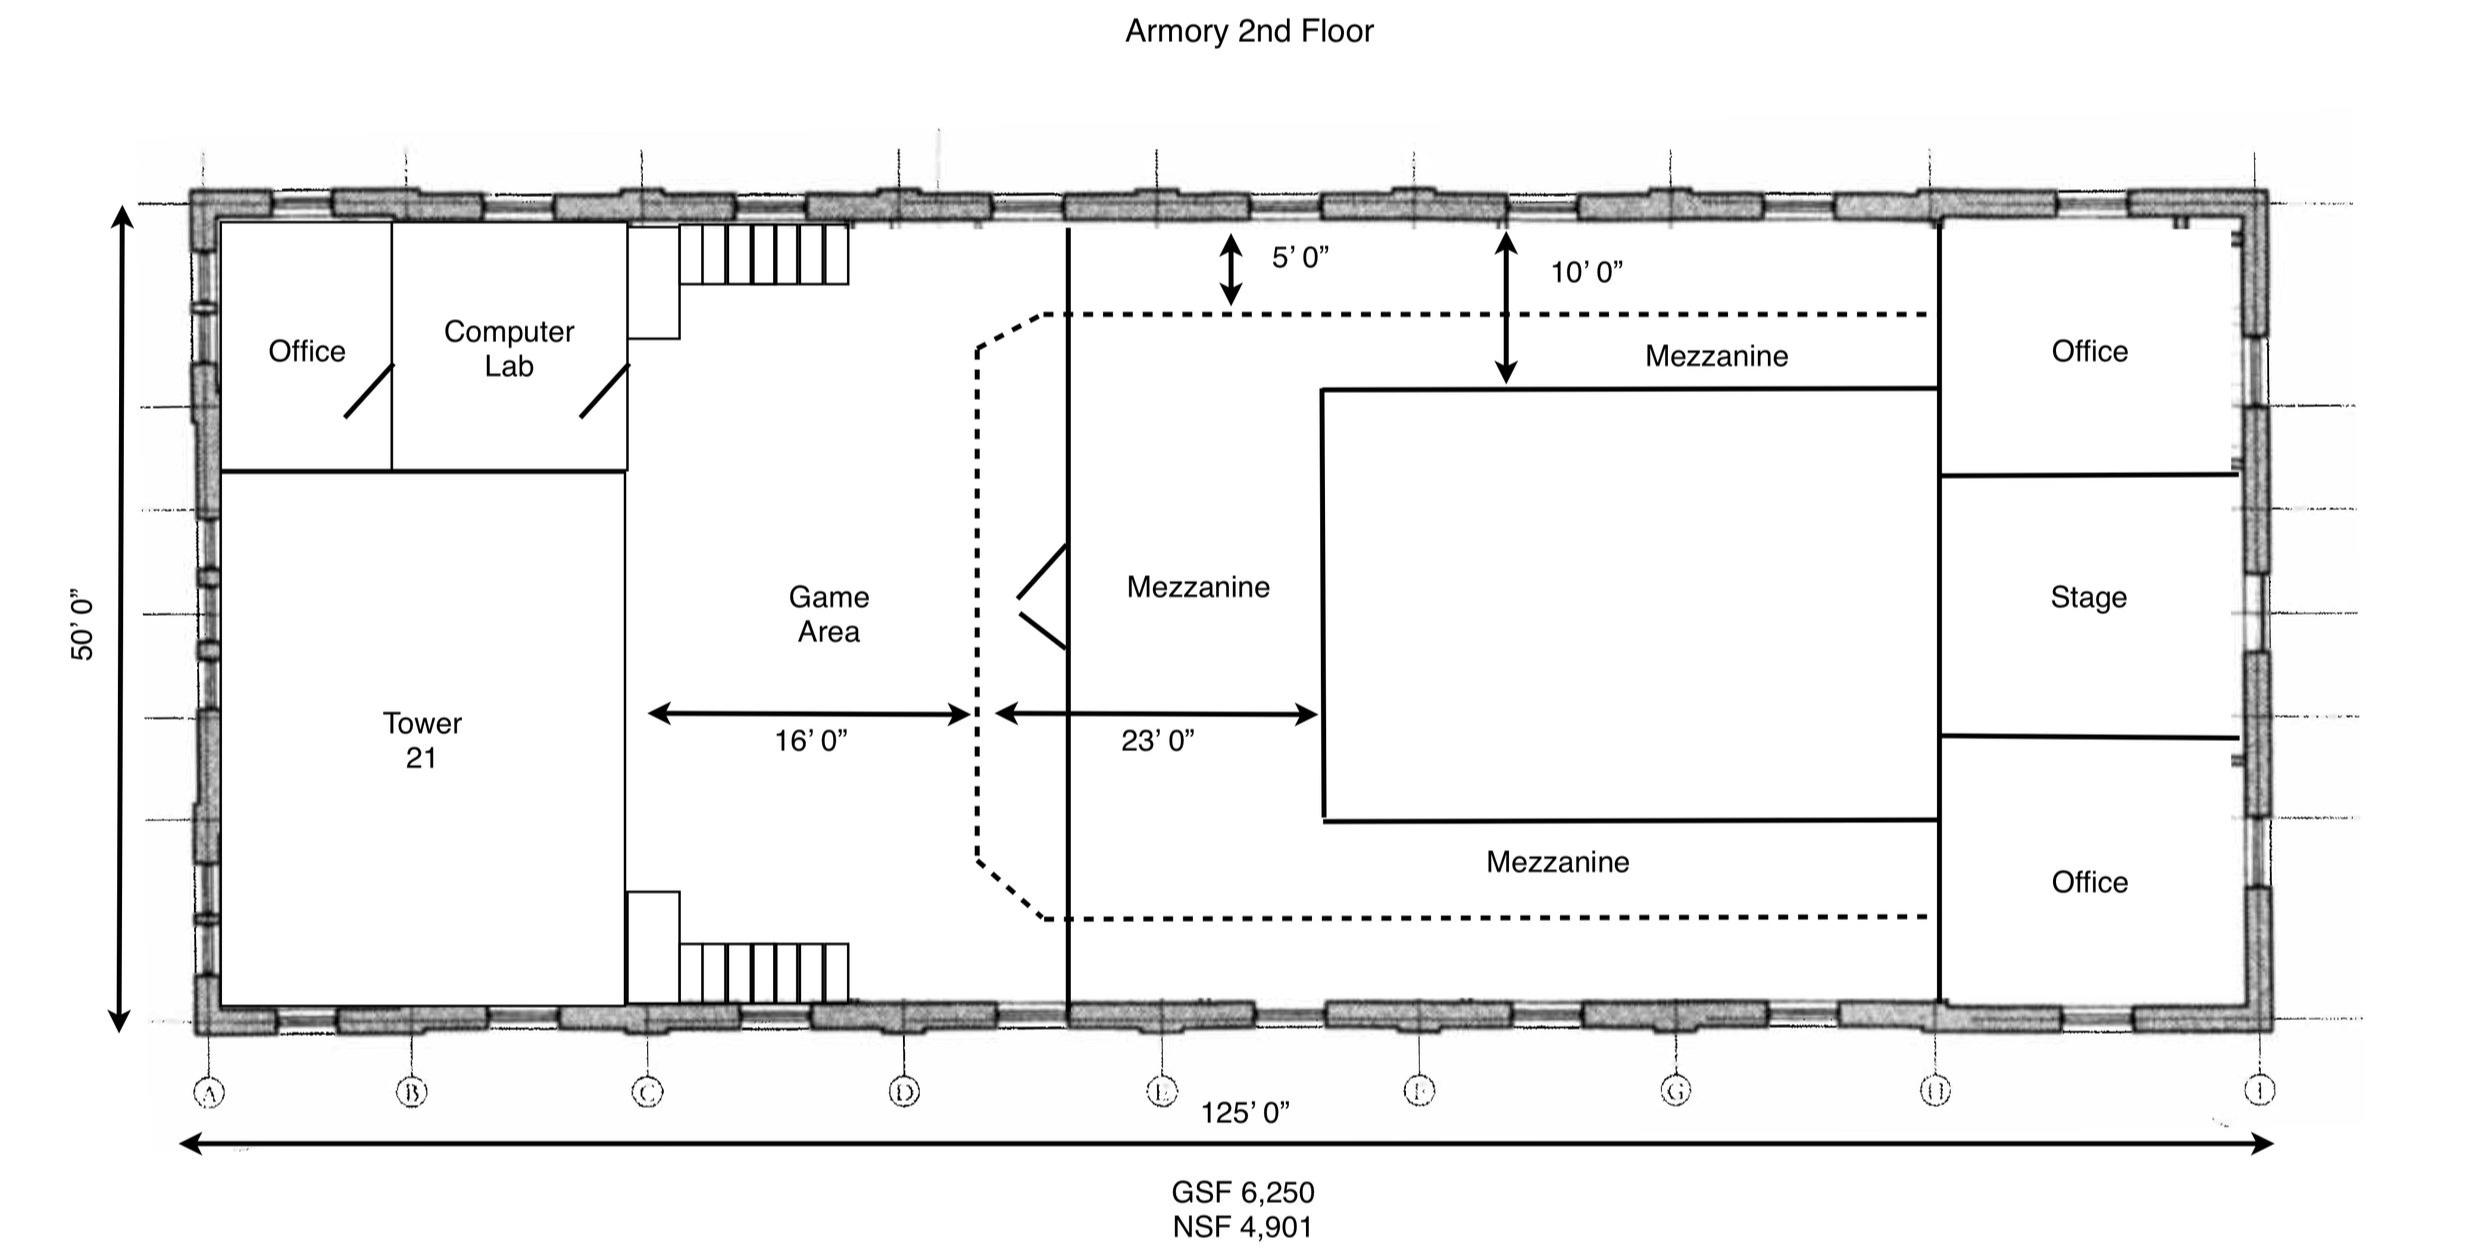 Armory+Blueprint+2nd+Floor.jpg